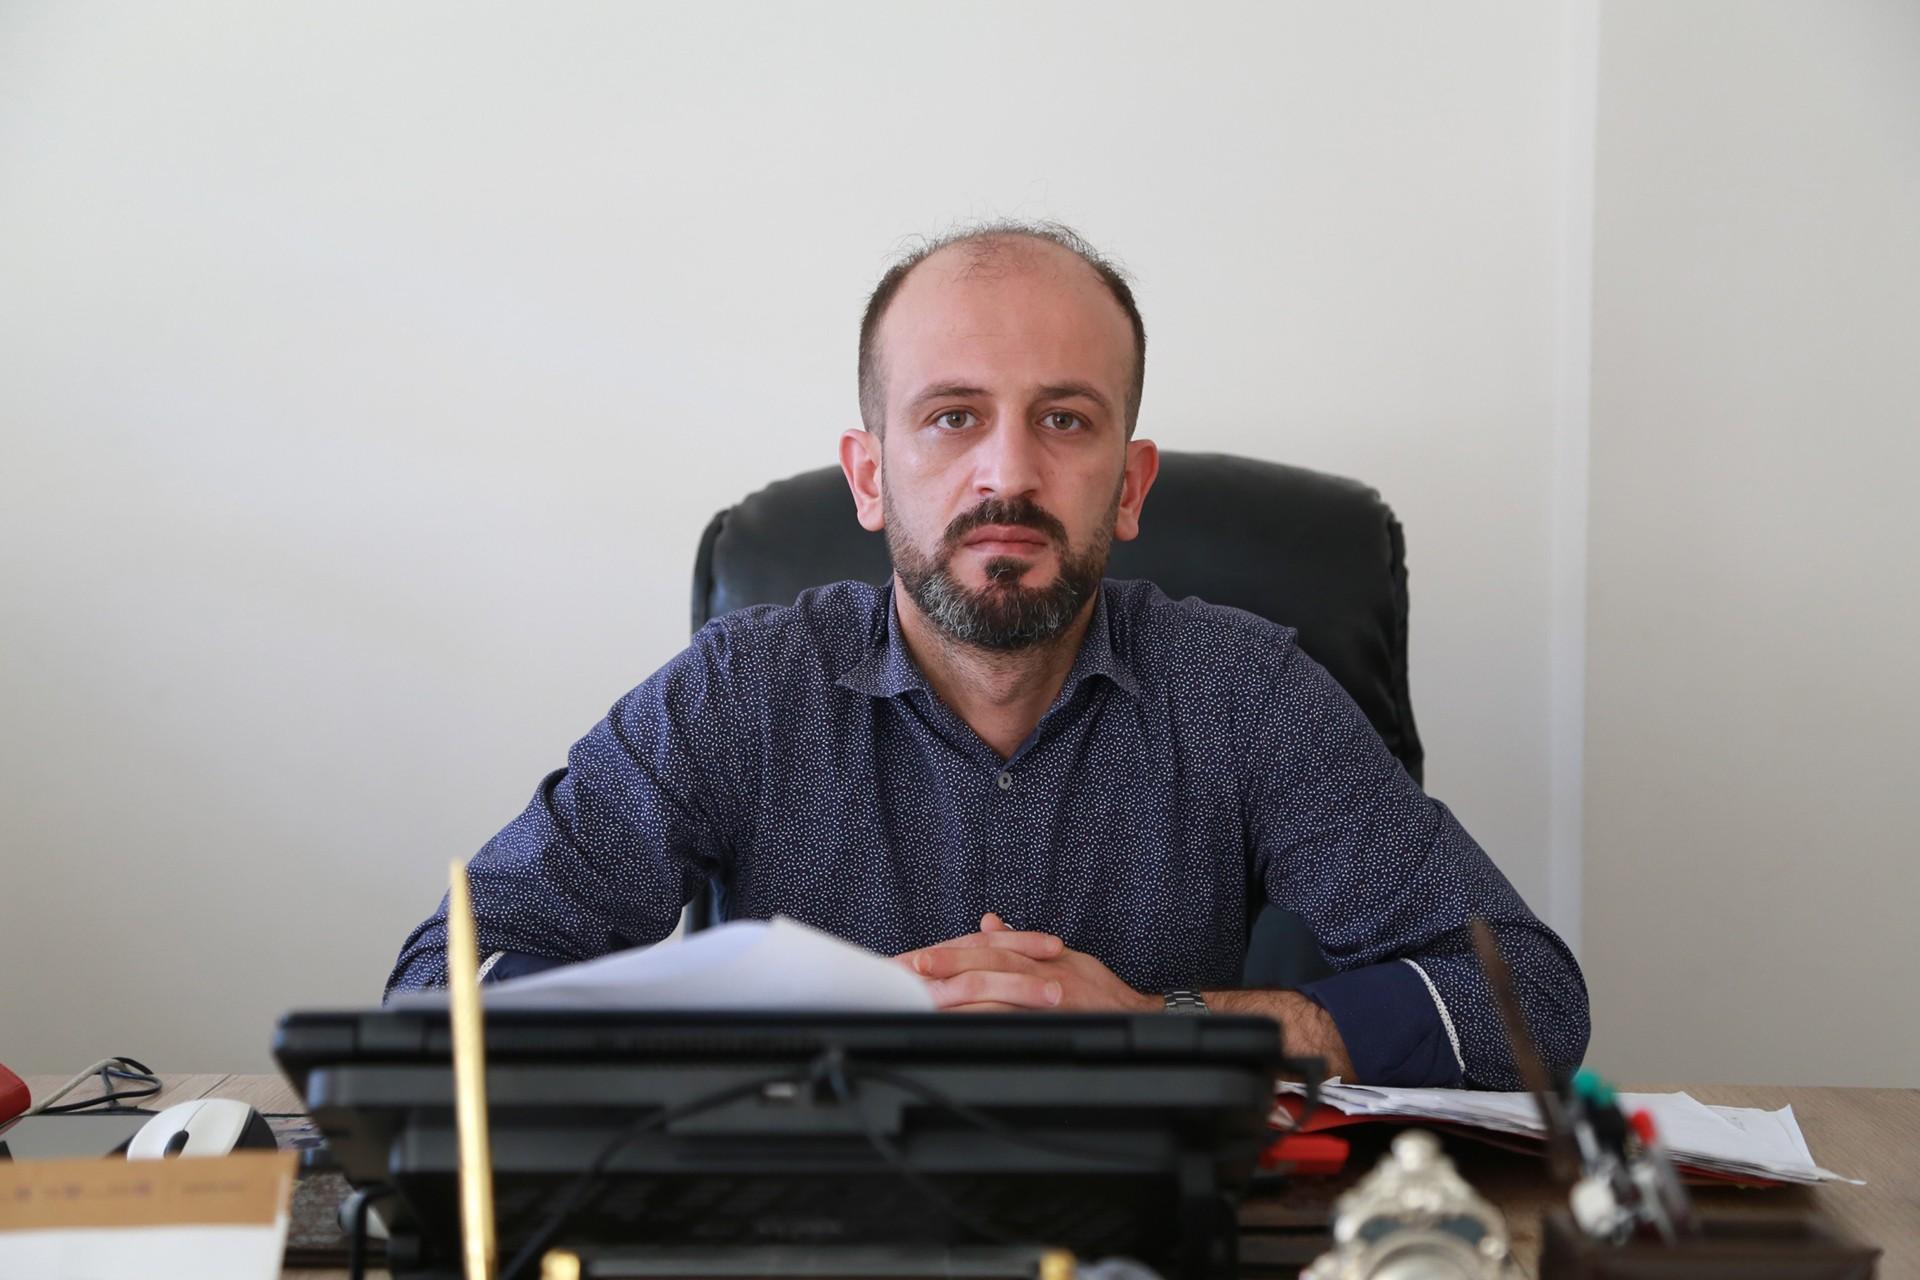 Adana'da şizofreni hastasına 'Cumhurbaşkanına hakaret'ten hapis cezası